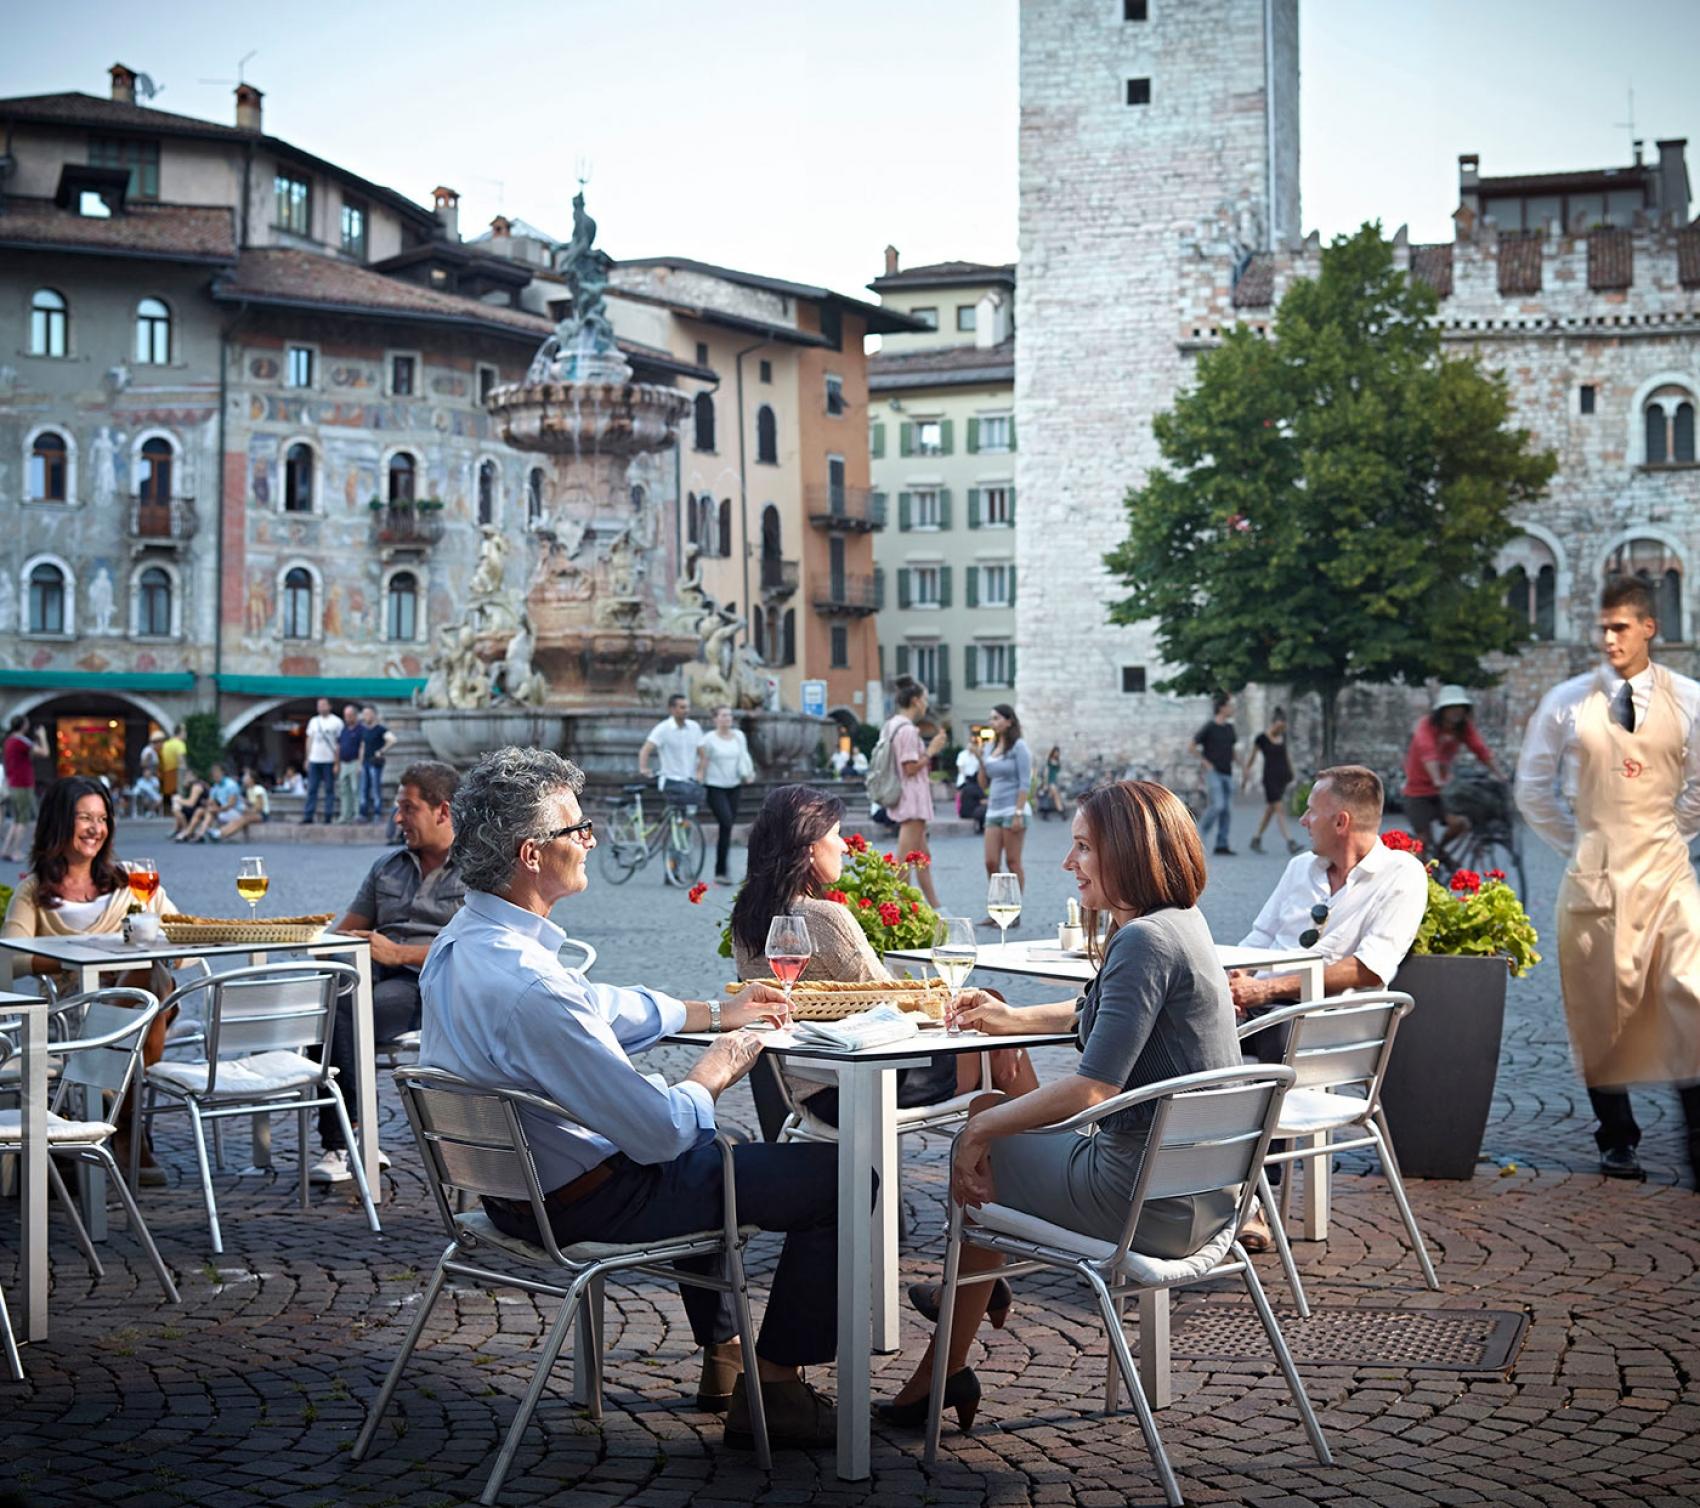 Cafe in Italien mit Brunnen im Hintergrund